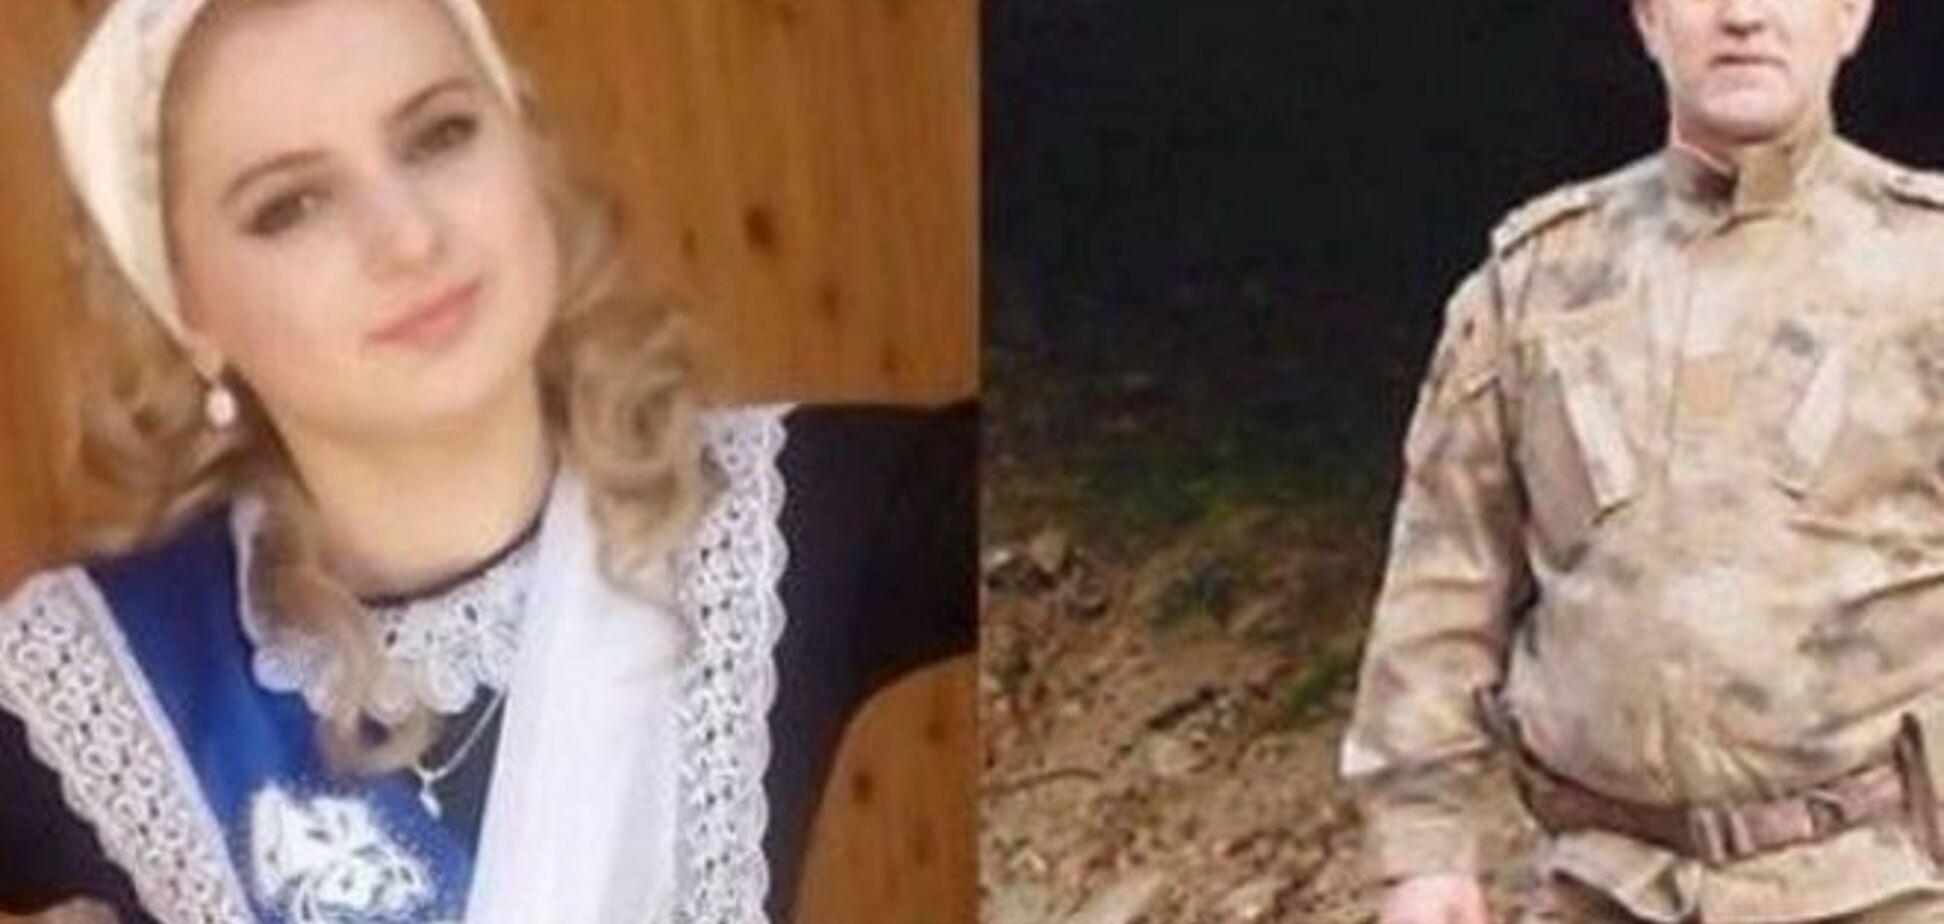 Весілля зривається: в Чечні батько 17-річної нареченої глави РВВС пішов з дому